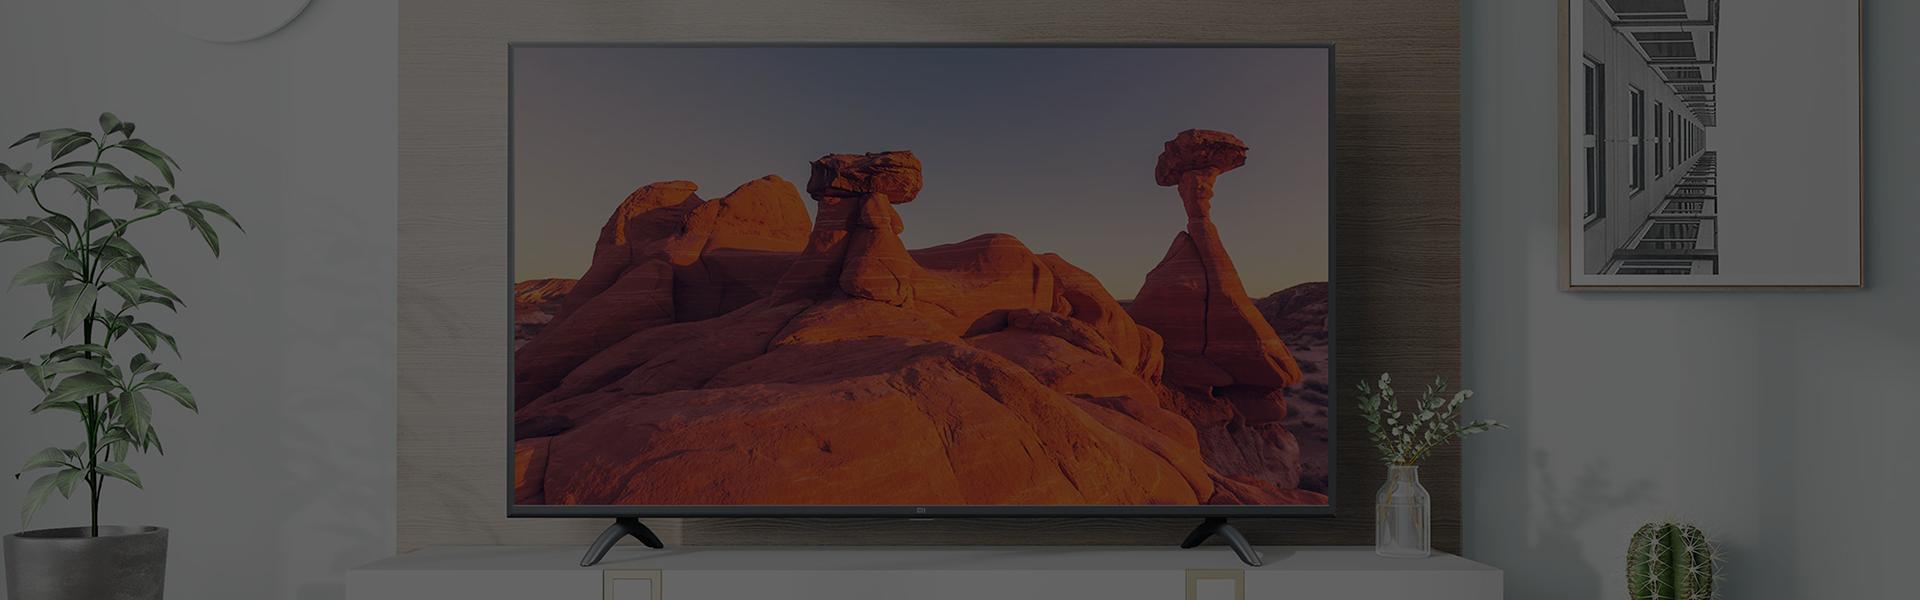 Mi LED TV 4X PRO 55